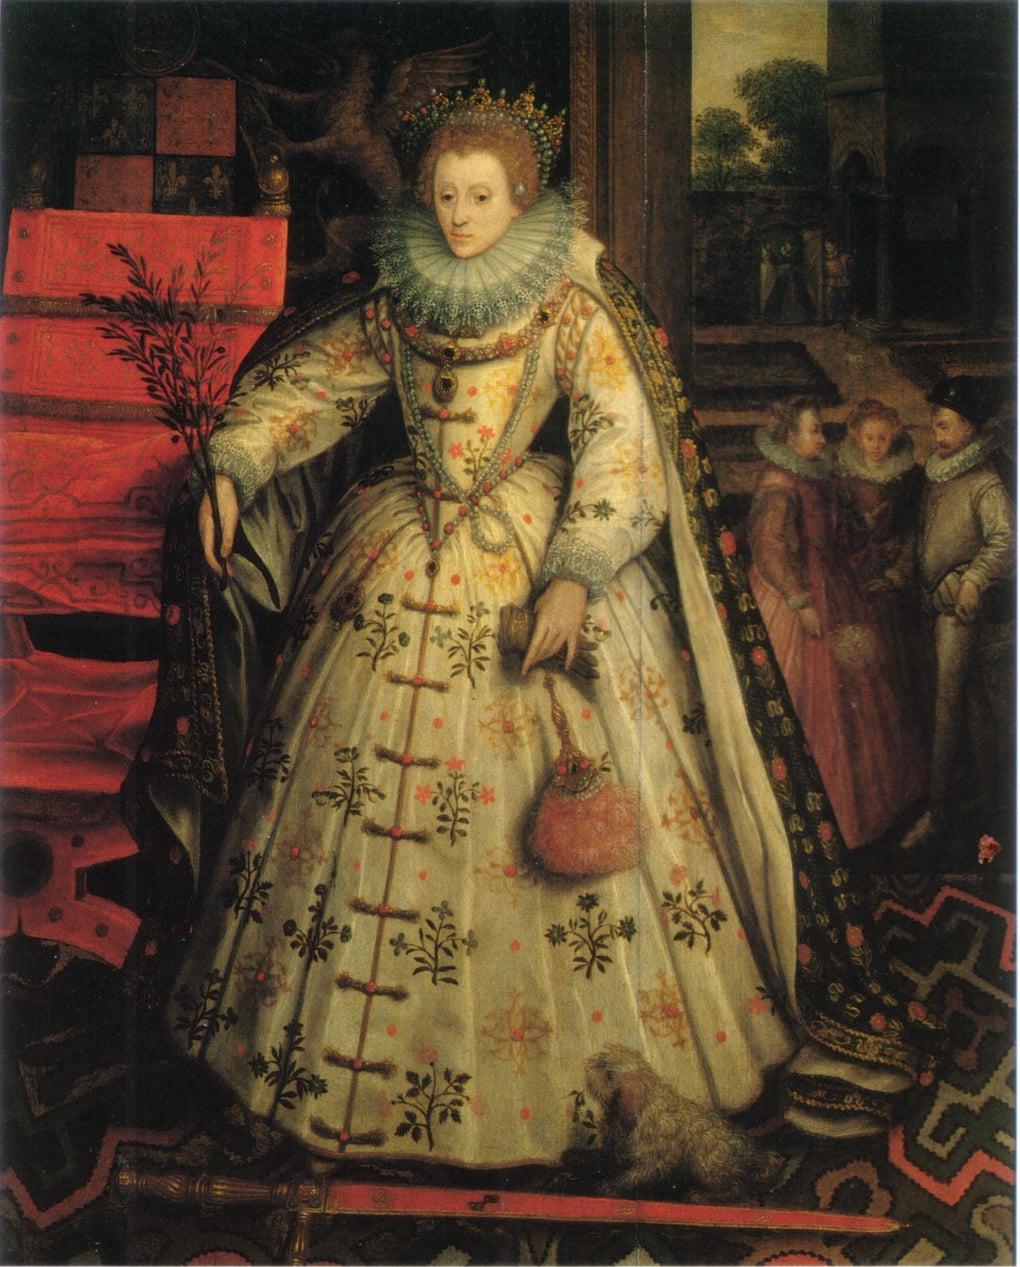 Британский художник «оживил» портрет Елизаветы I. Получилось пугающе реалистично